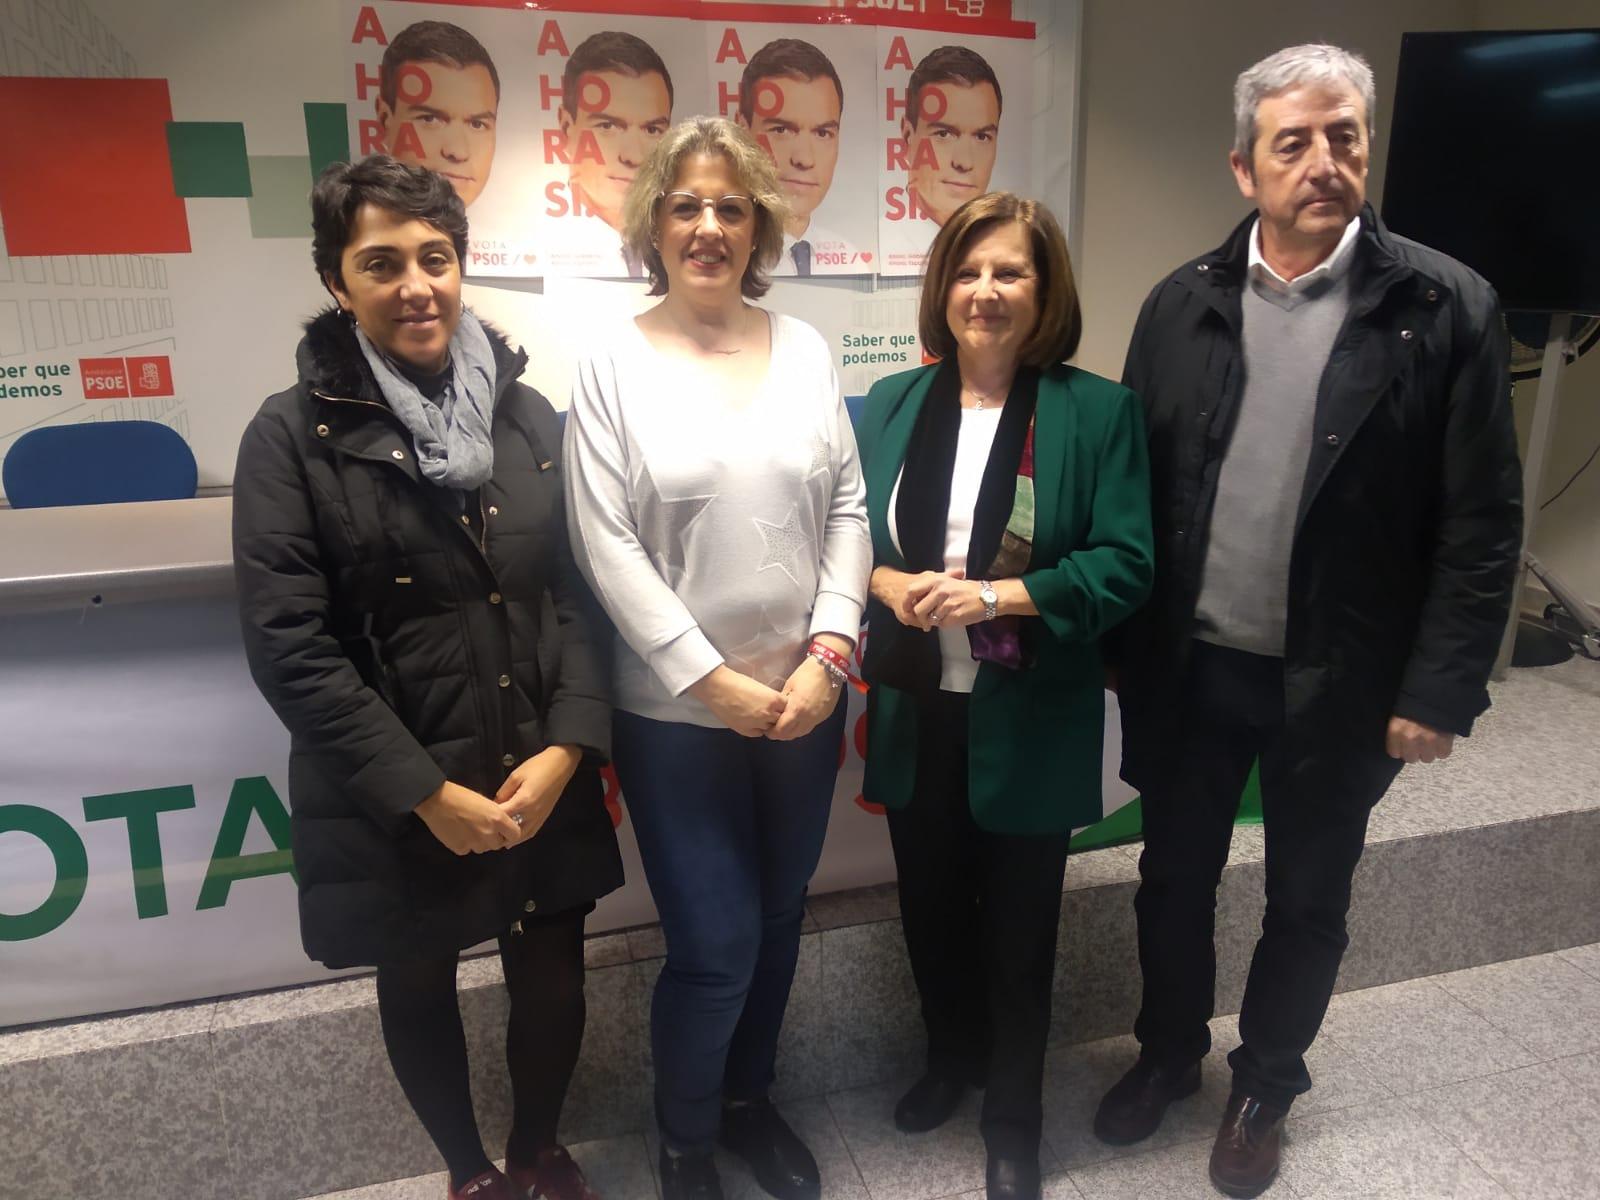 El PSOE denuncia el «ataque» de la Junta a la sanidad y la educación pública en la comarca de Guadix